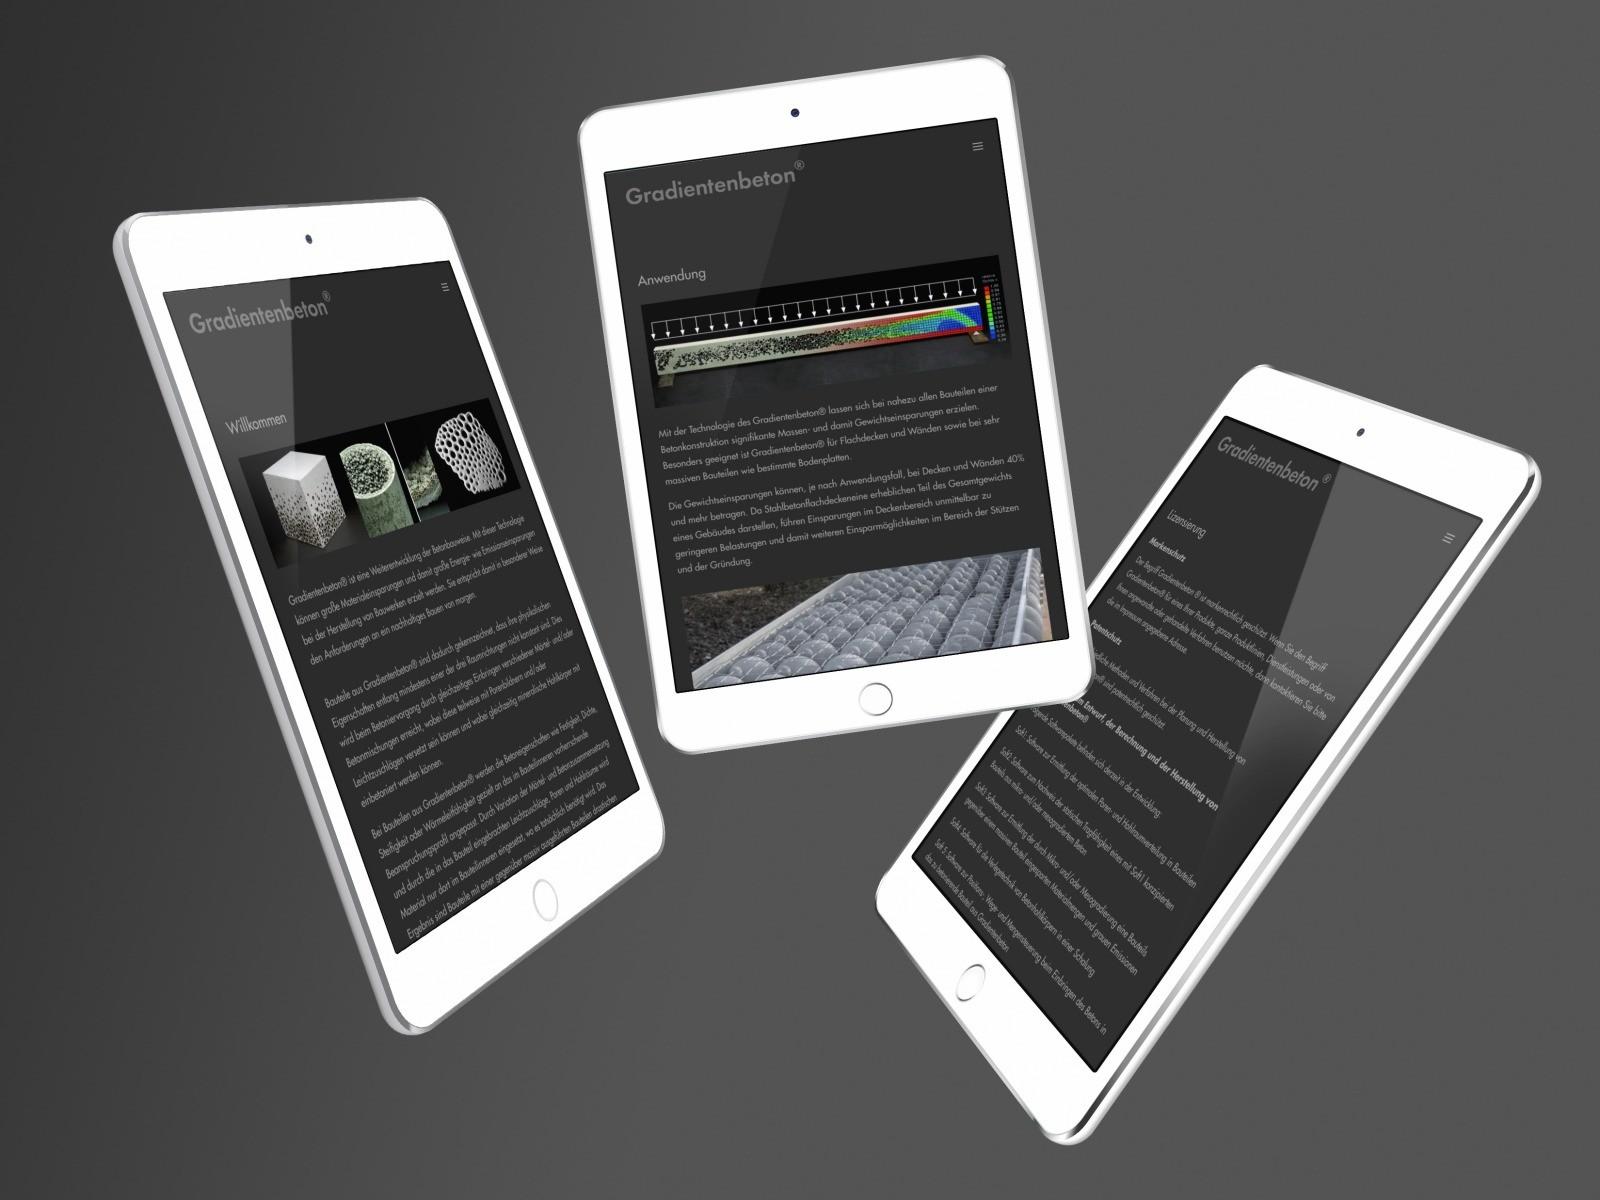 Die von mir erstellte Website über Gradientenbeton® der Werner Sobek Holding GmbH, Stuttgart (Screenshot Sommer 2020)